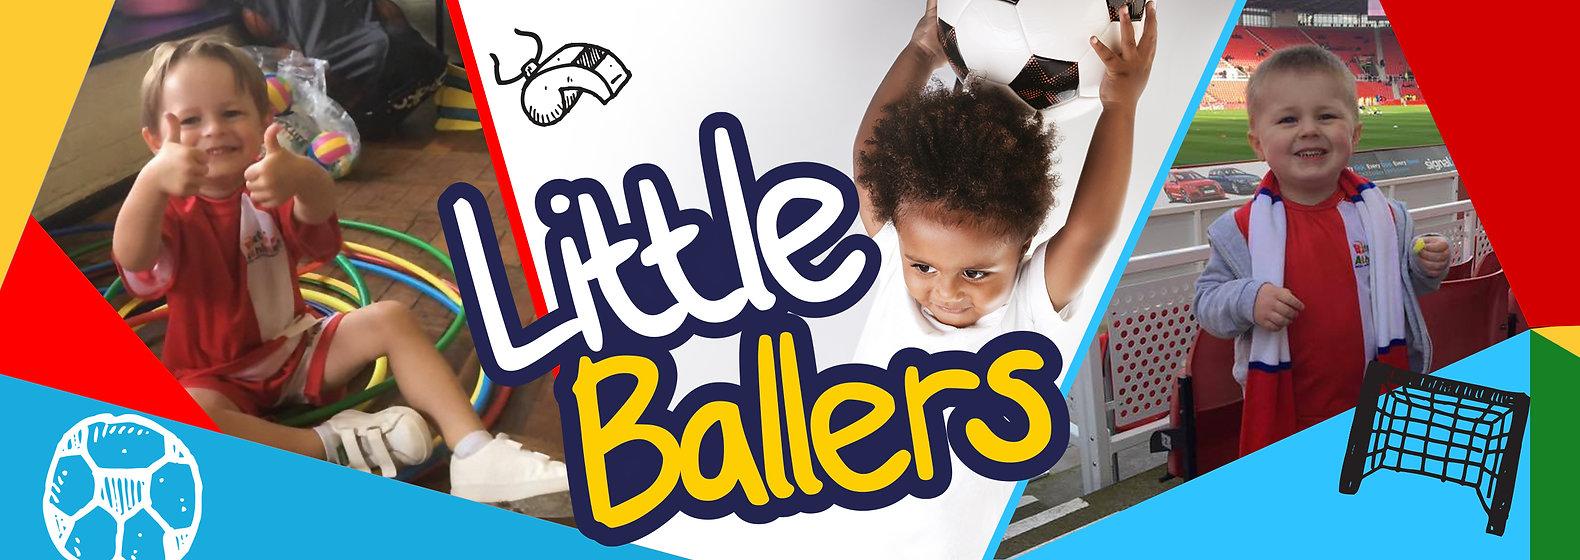 WebHeaders_LittleBallers.jpg